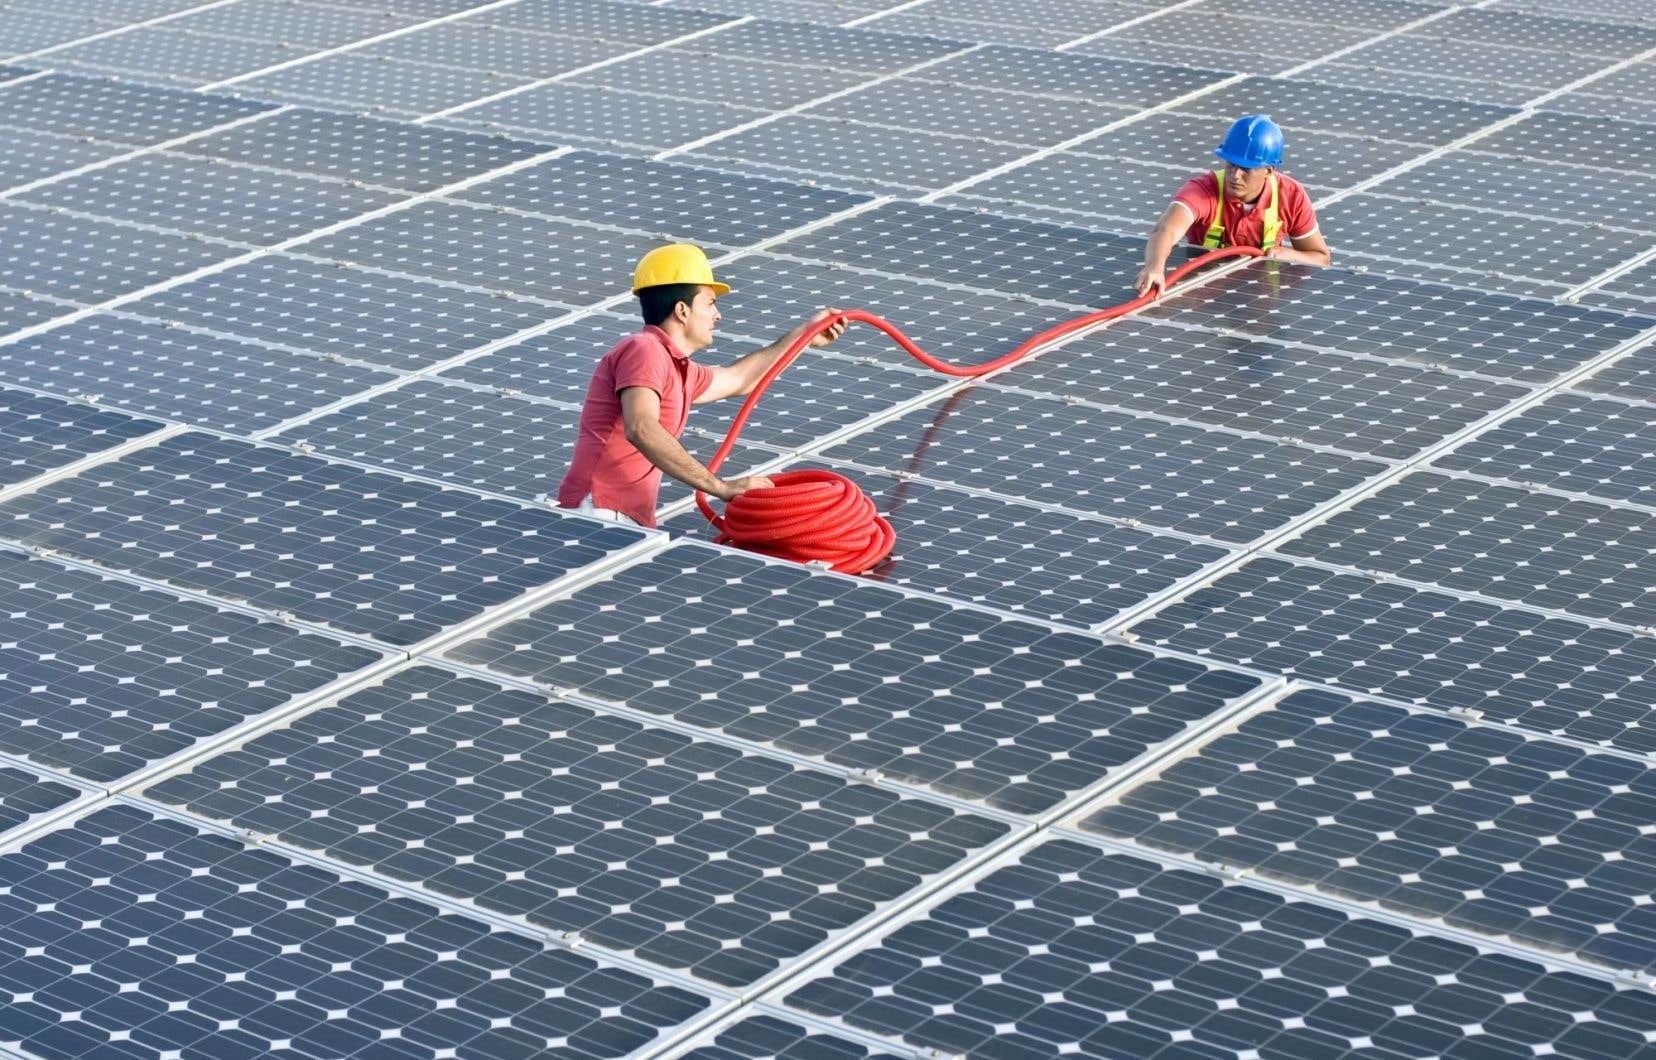 Deux seuls pays ont jusqu'ici émis des obligations associées à la lutte contre les changements climatiques, soit la France et la Pologne.